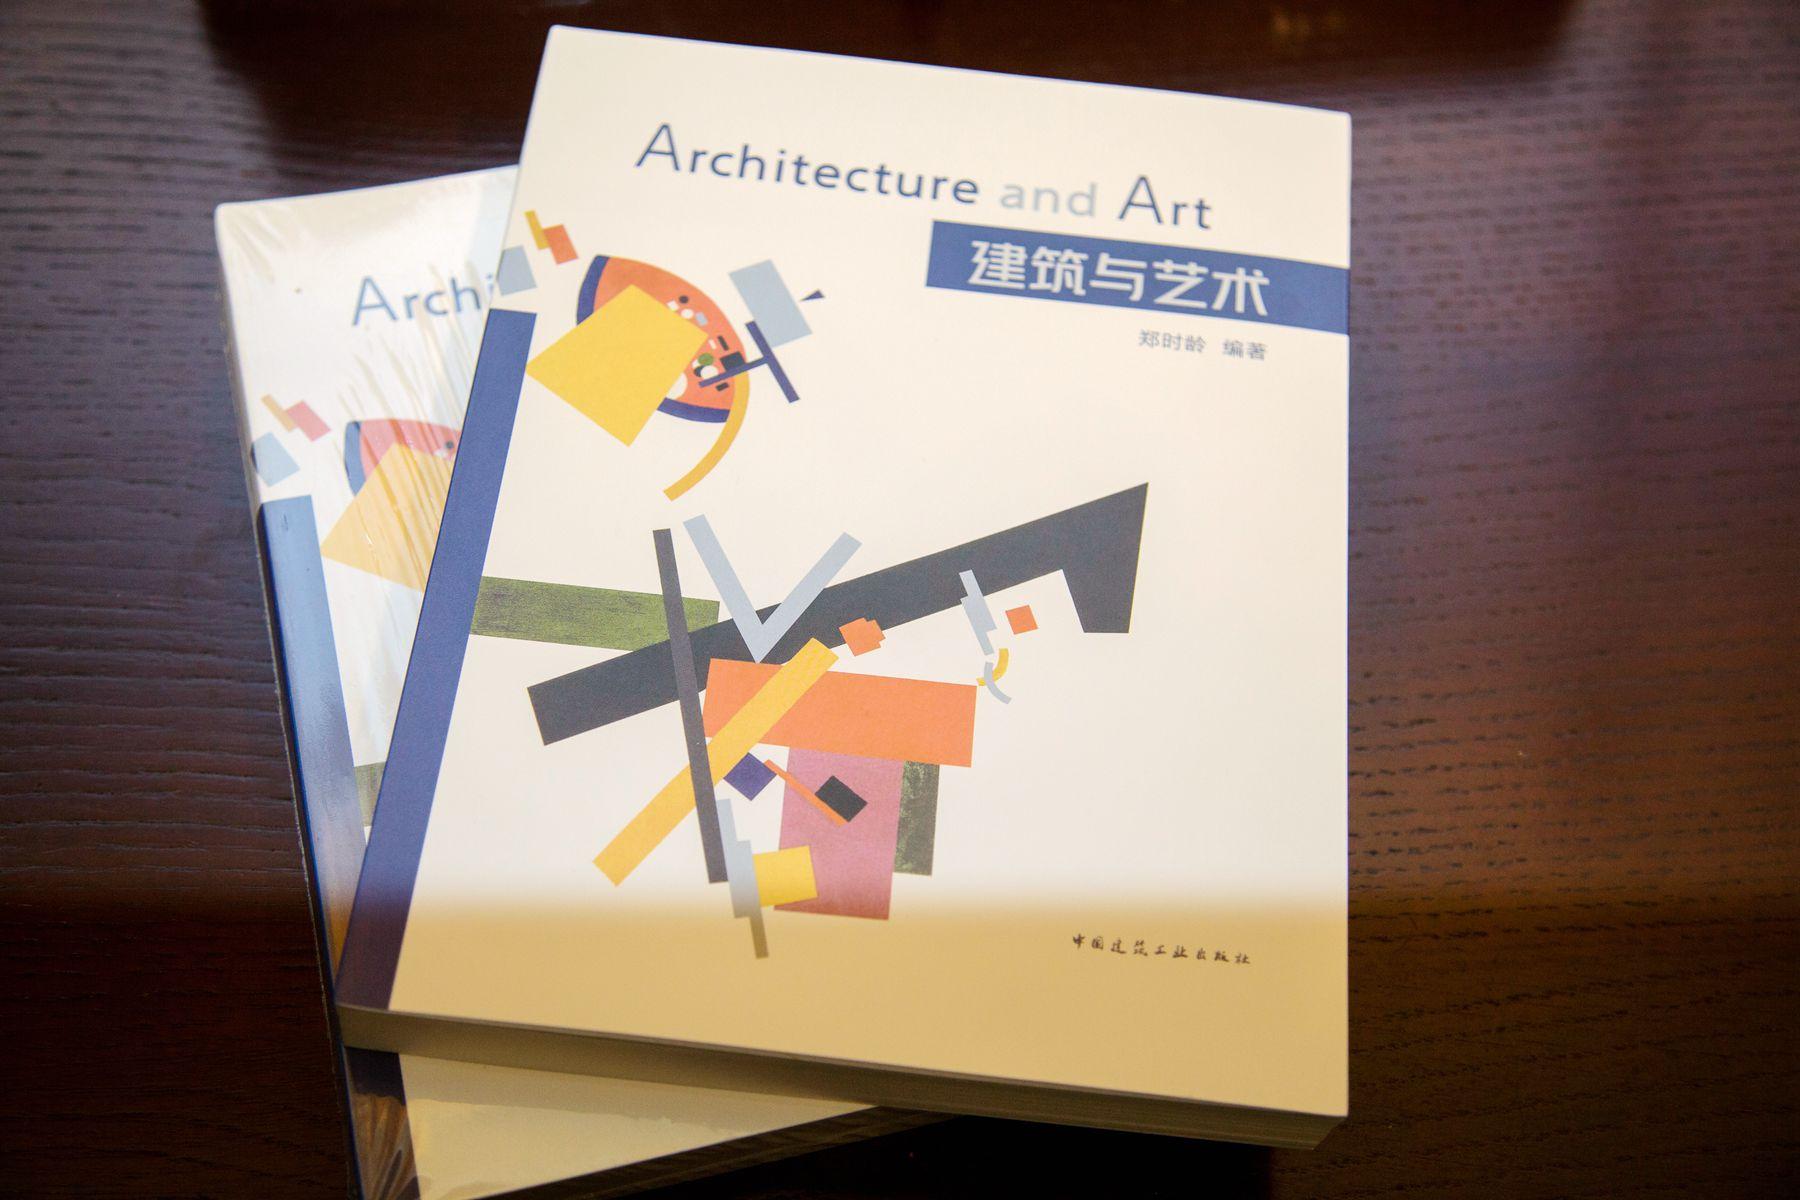 20210530第202期敏读会:建筑与艺术04.jpg.jpg